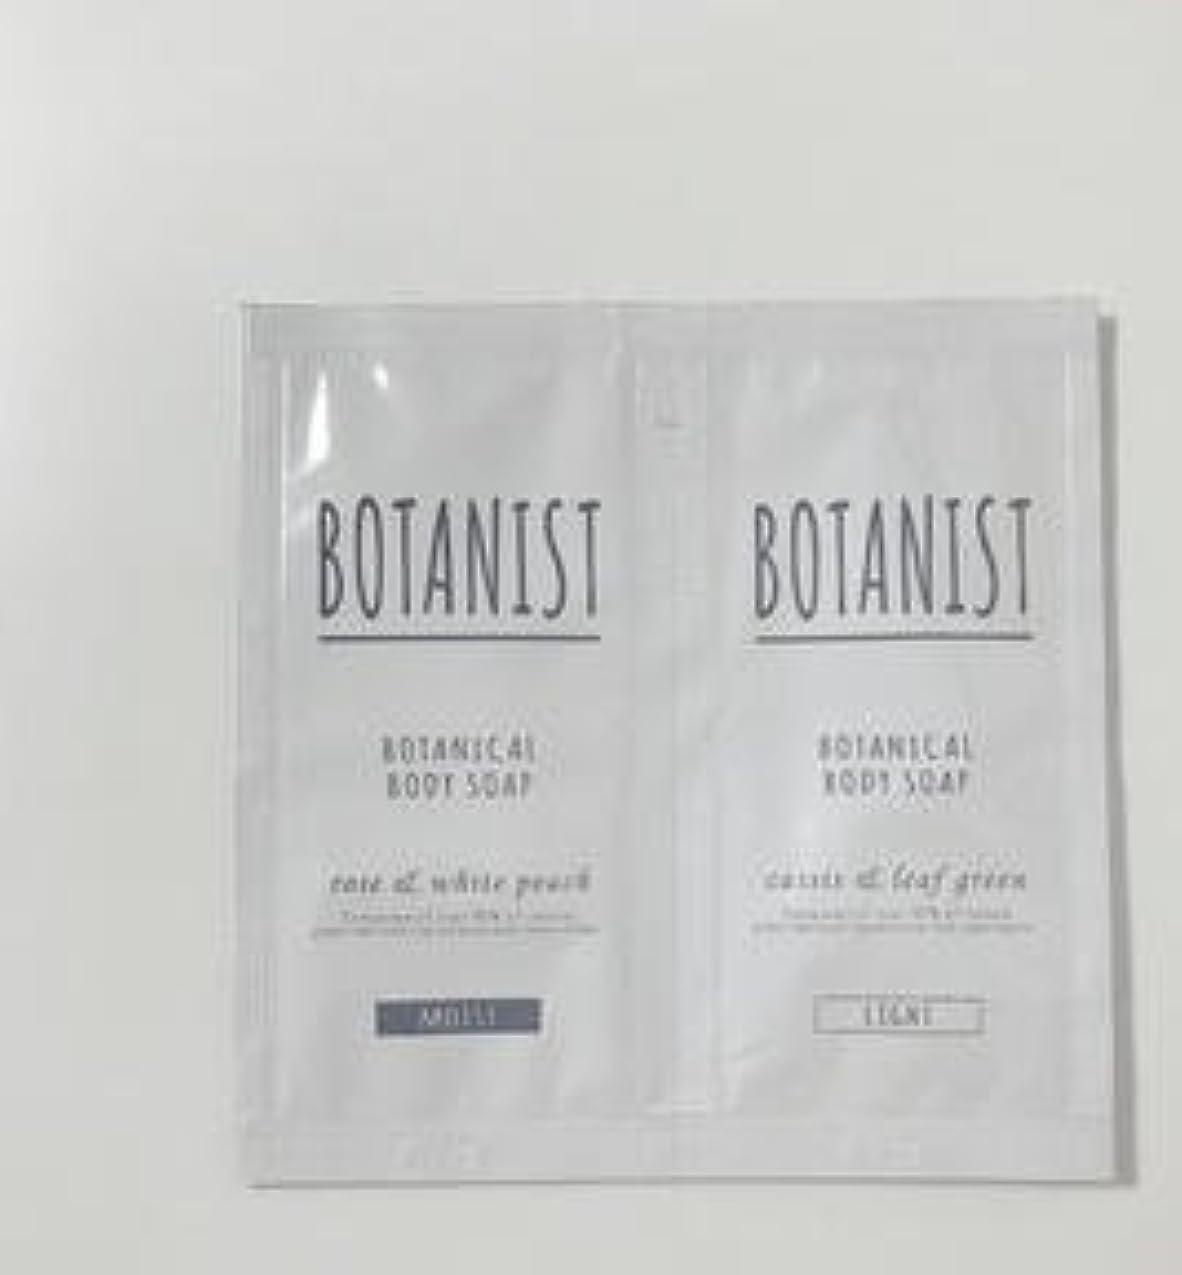 大学からかう上BOTANIST ボタニカル ボディーソープ ライト&モイスト トライアルセット 8ml×2 (ライト&モイスト, 1個)